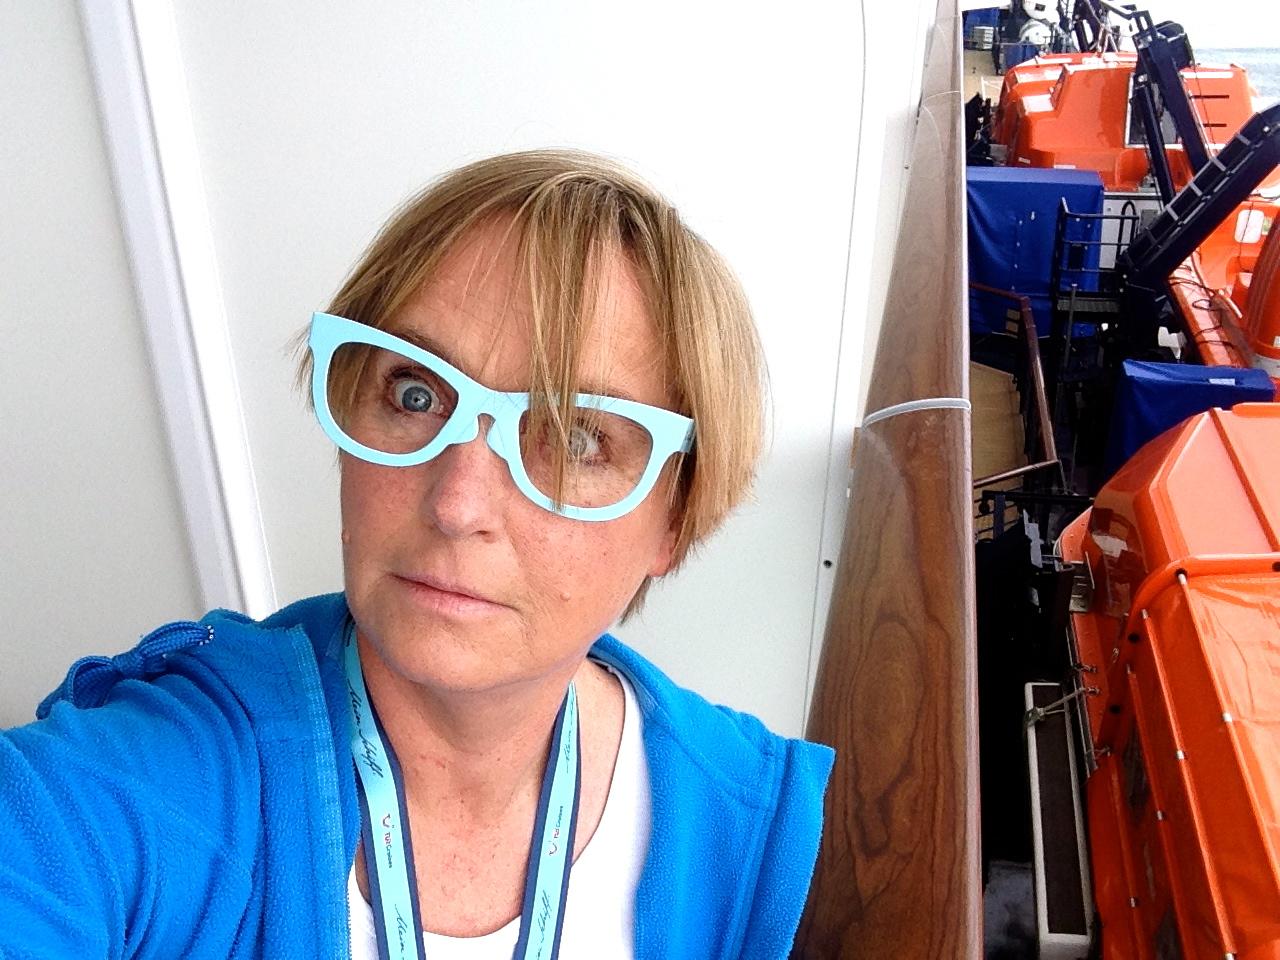 Mein Schiff Blog Gastautorin Johanna Stöckl